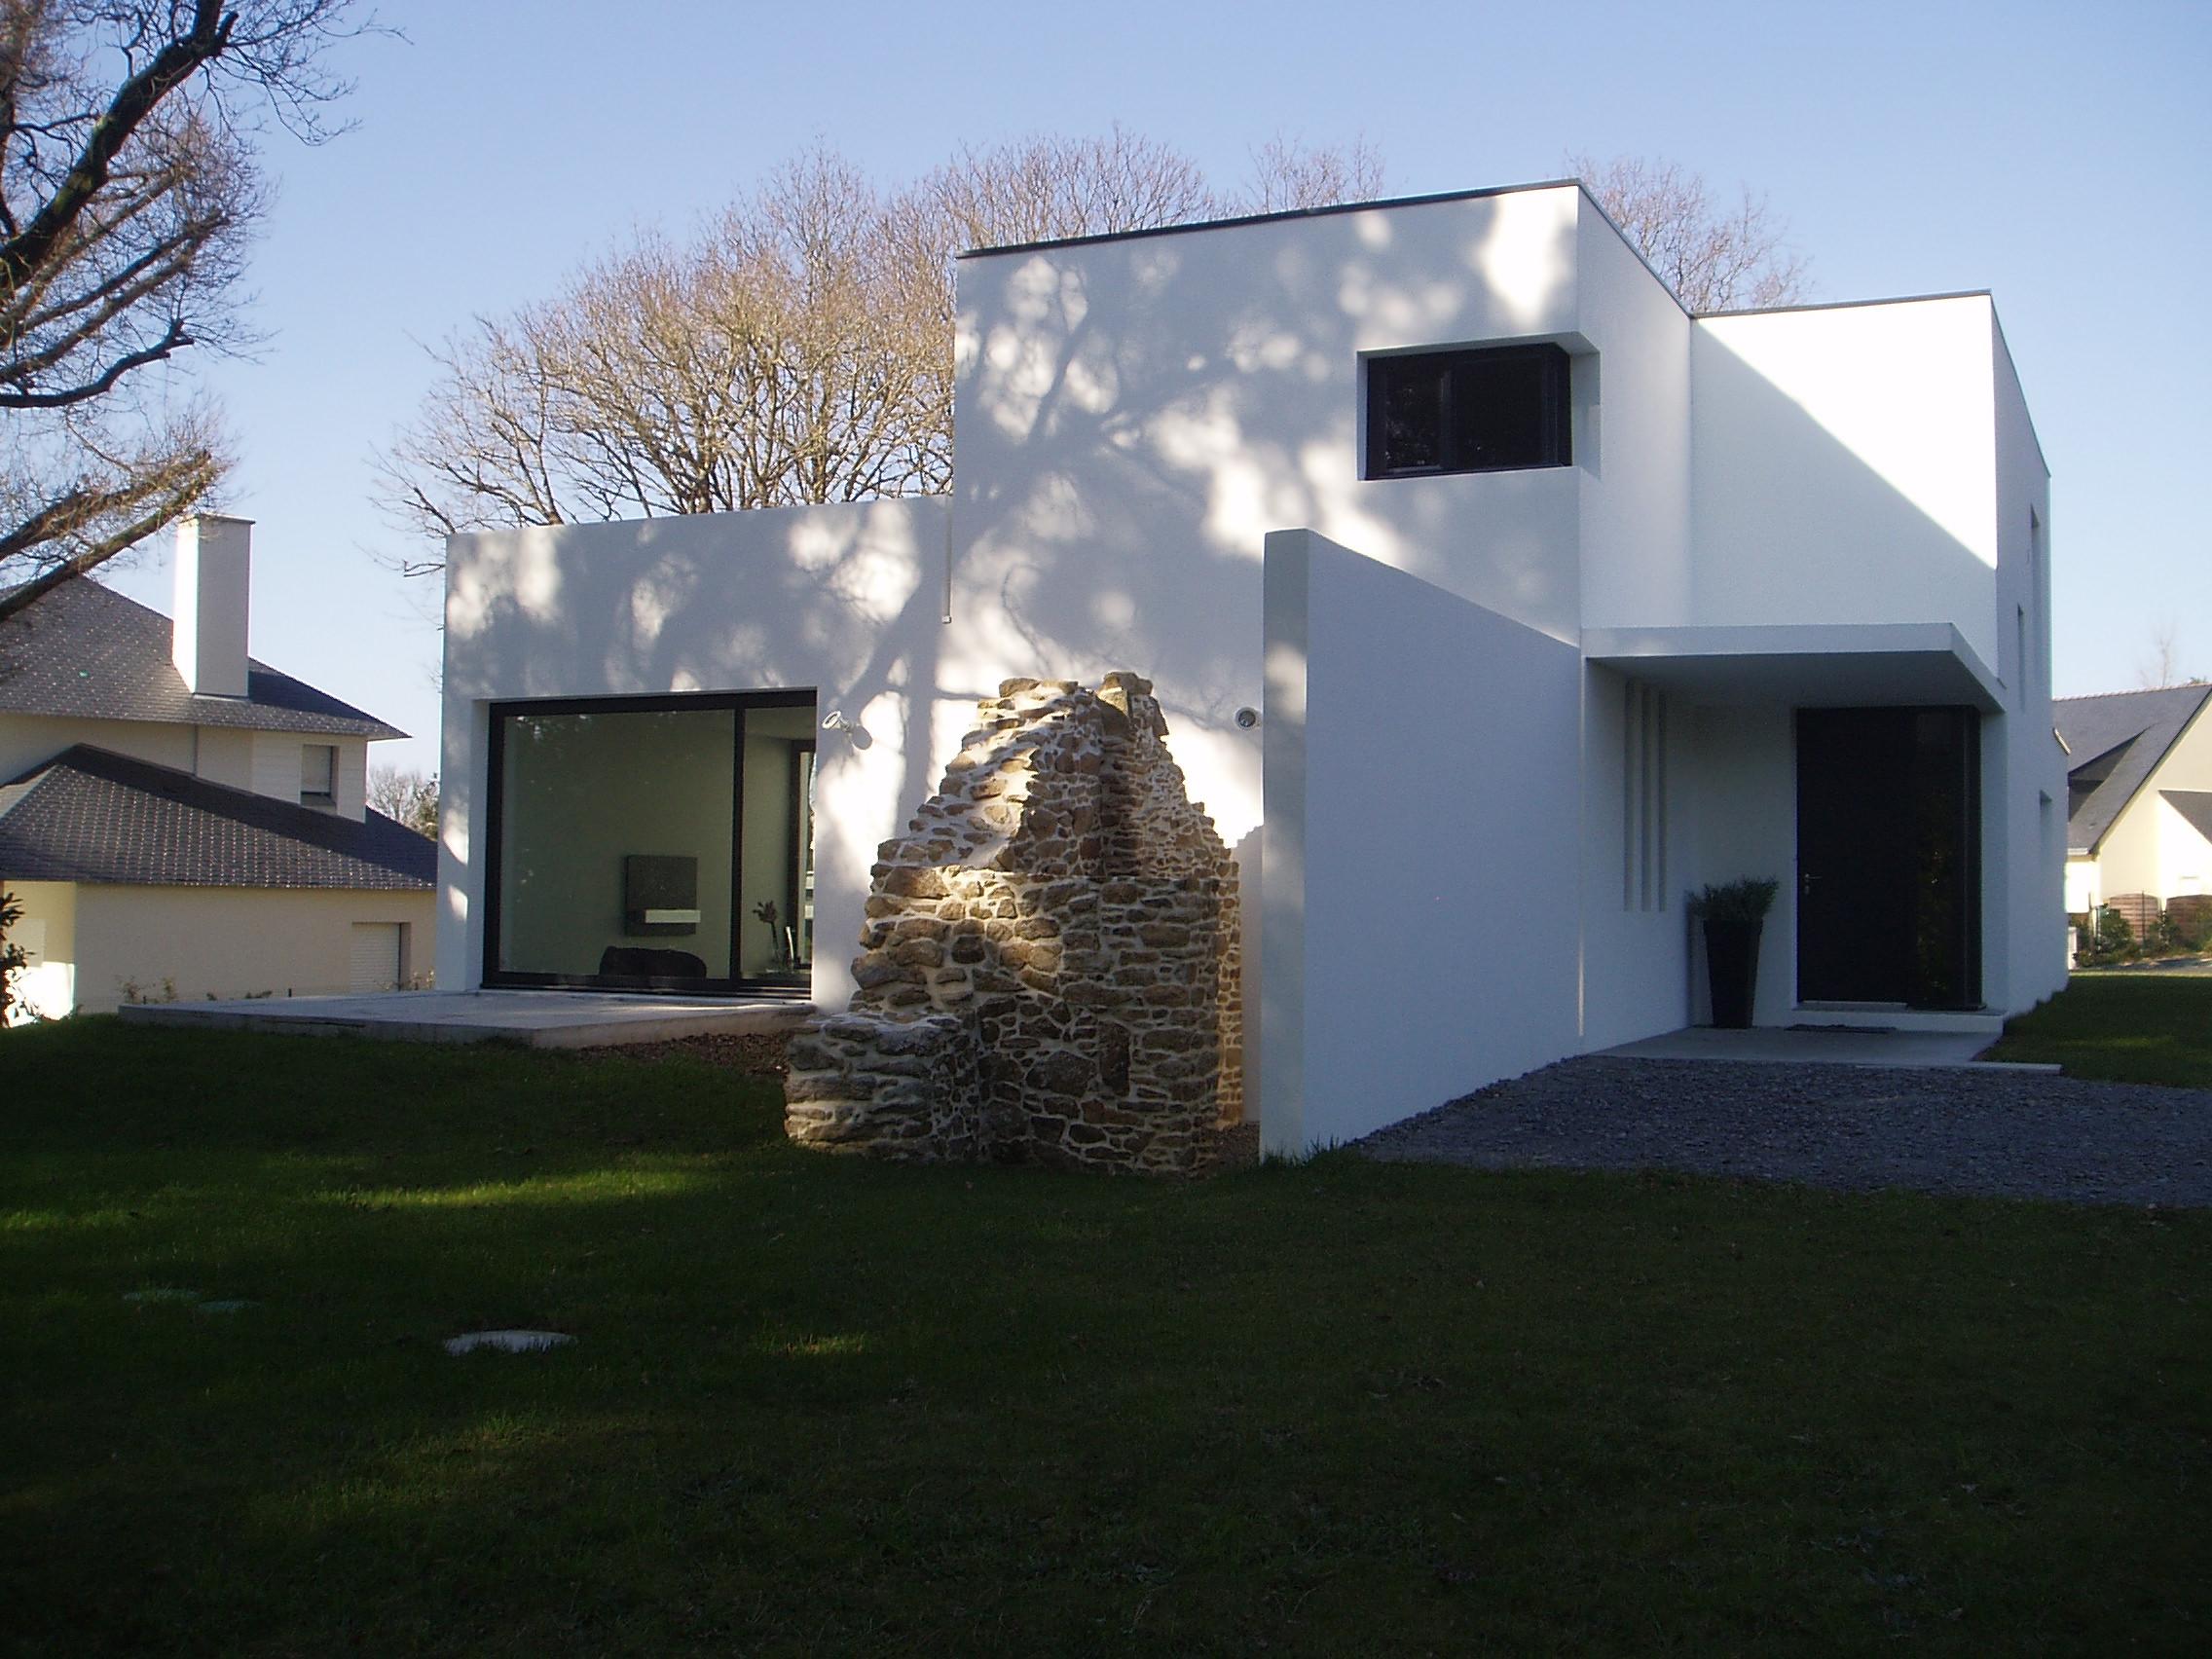 Construction de votre logement neuf sur mesure for Construction maison neuf